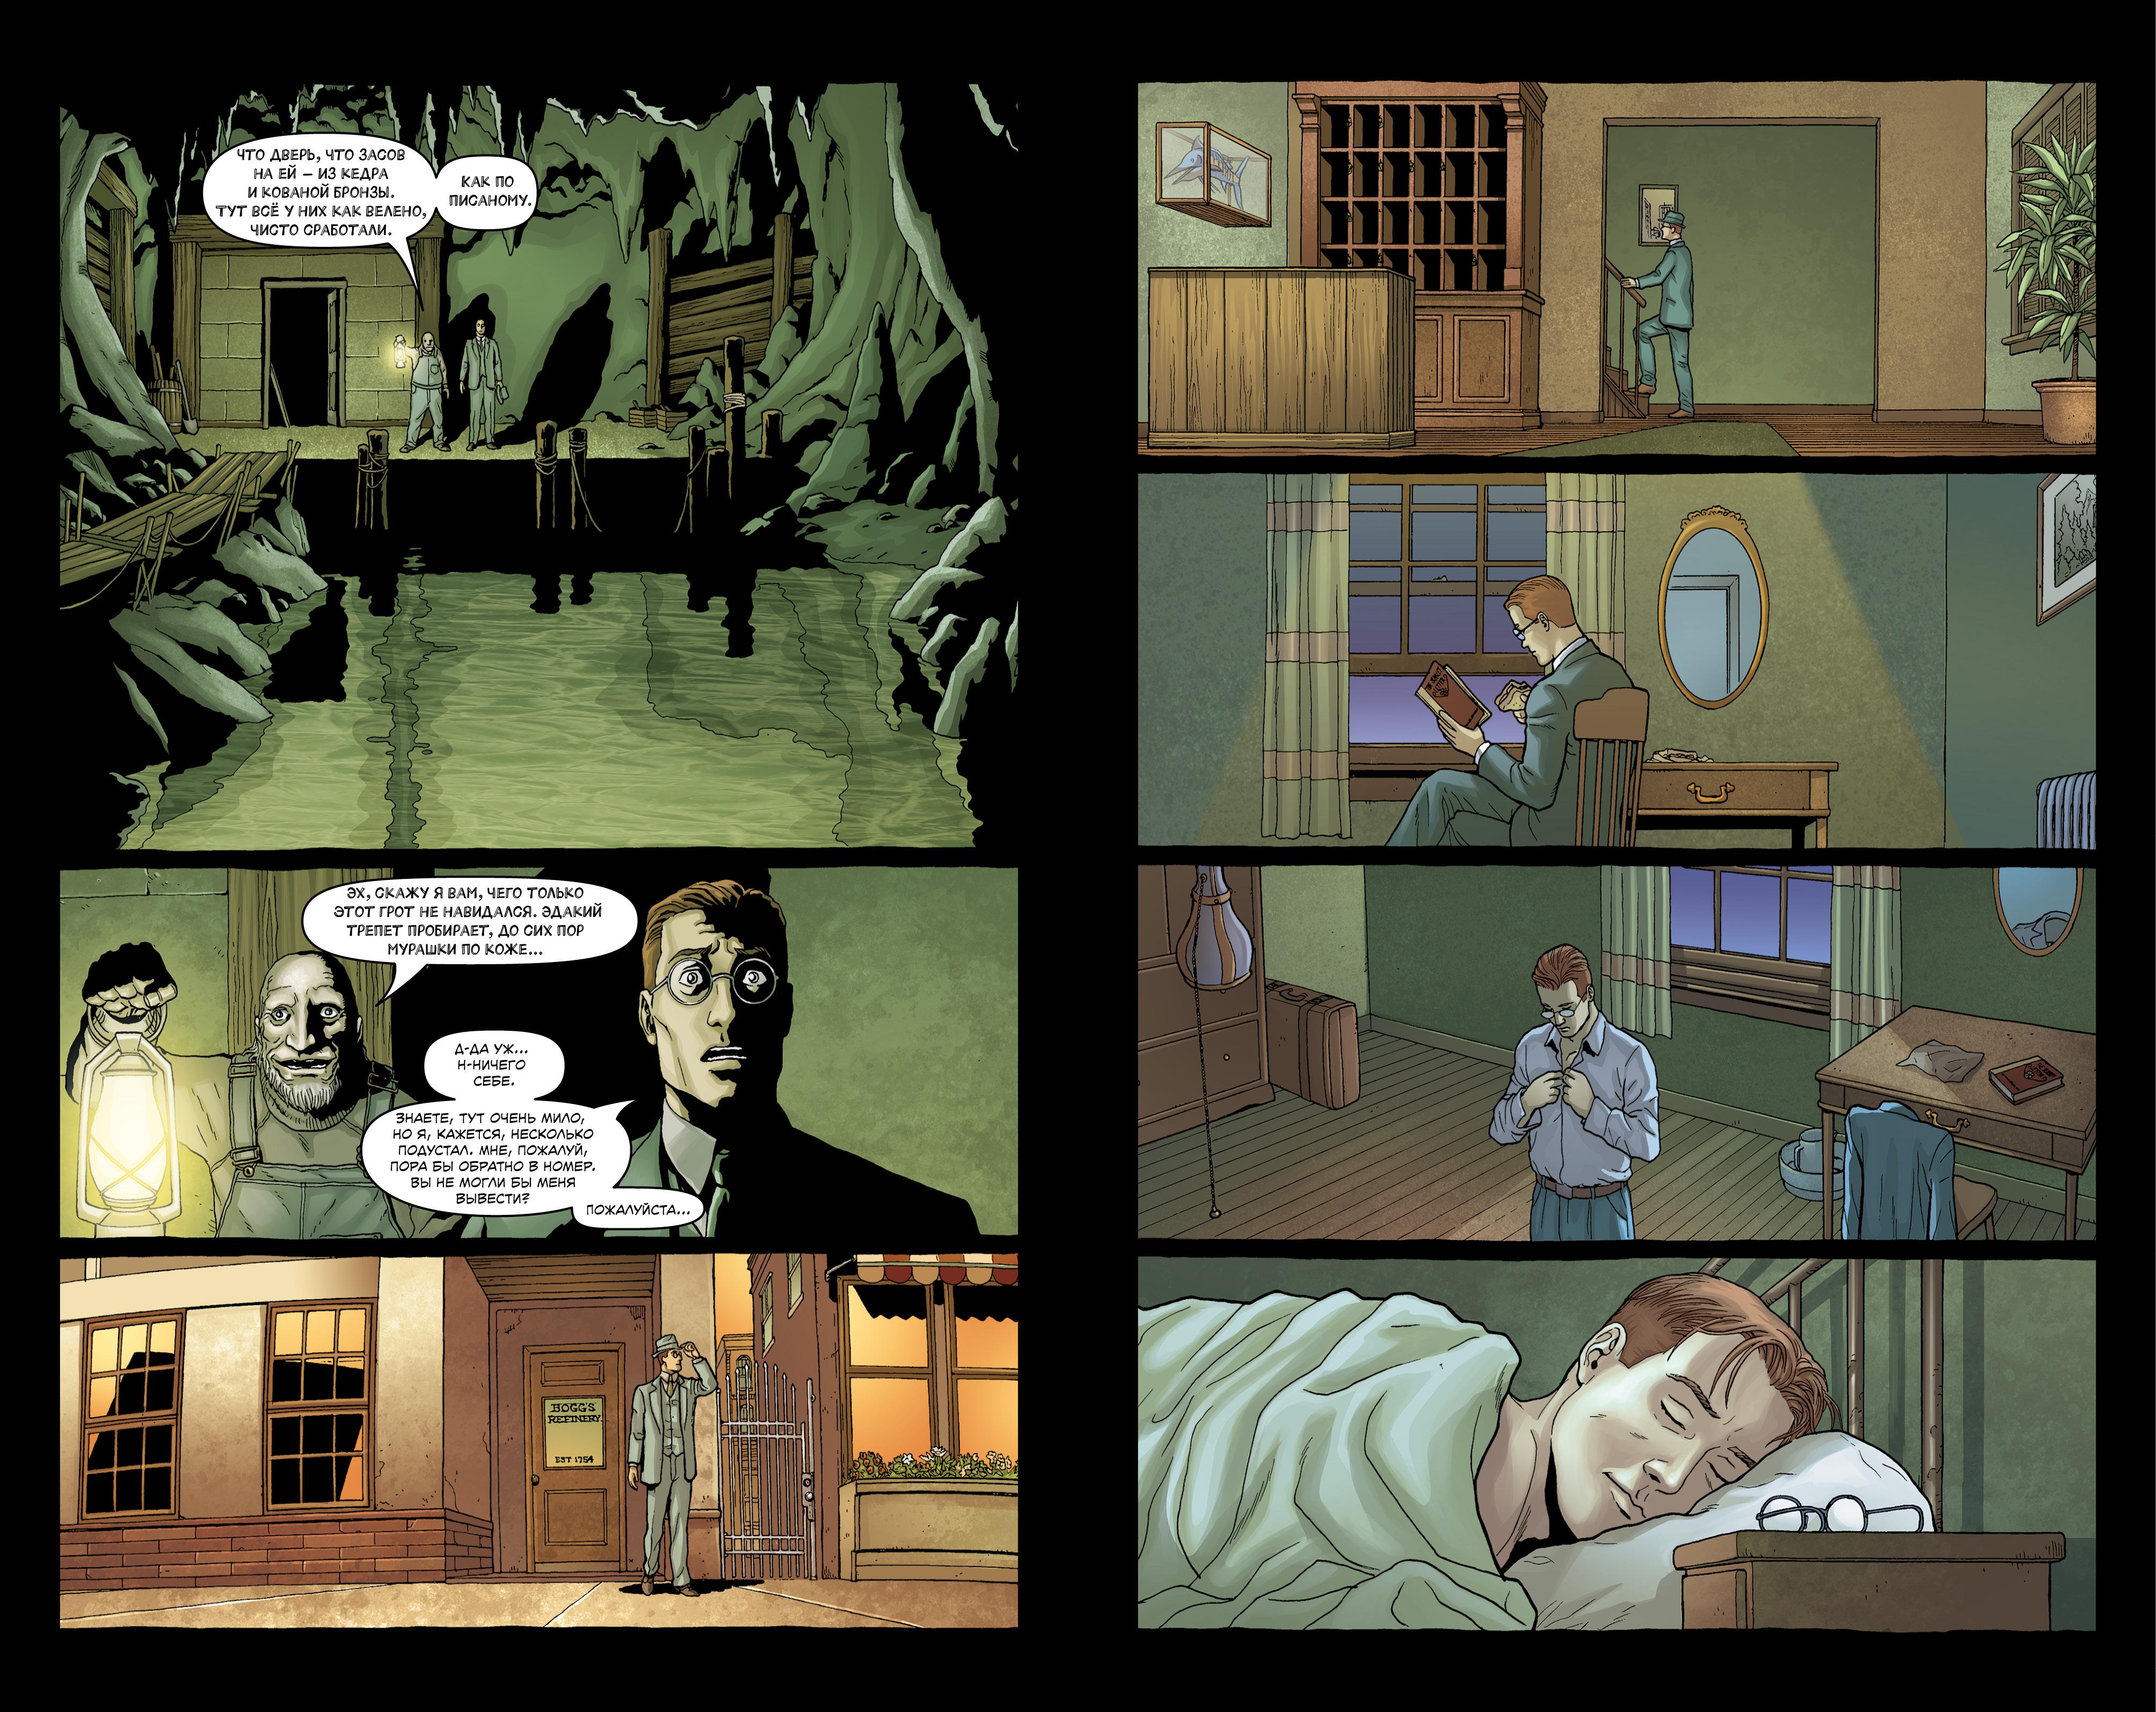 Что почитать: хоррор-омнибус Брайана Эвенсона и комикс «Провиденс» Алана Мура 4